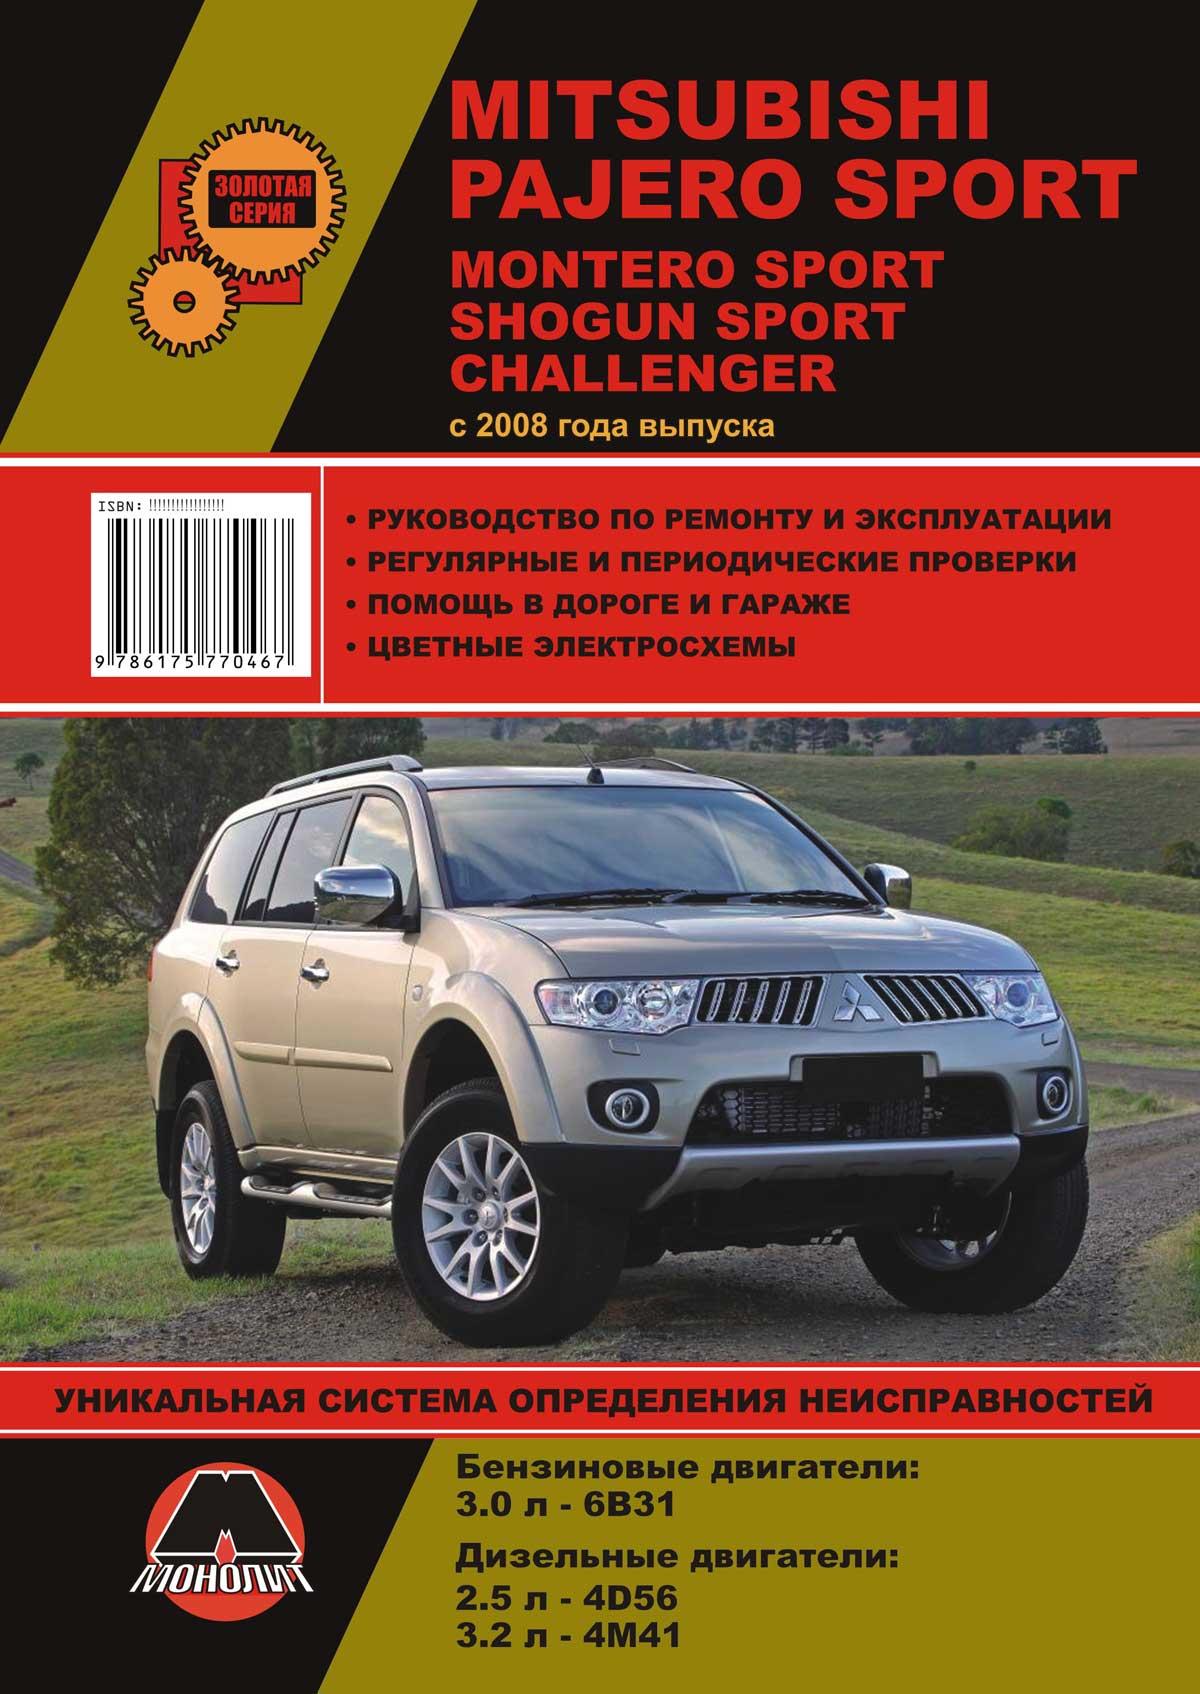 ...регулярные и периодические проверки, помощь в дороге и гараже, цветные электросхемы Mitsubishi Pajero Sport...